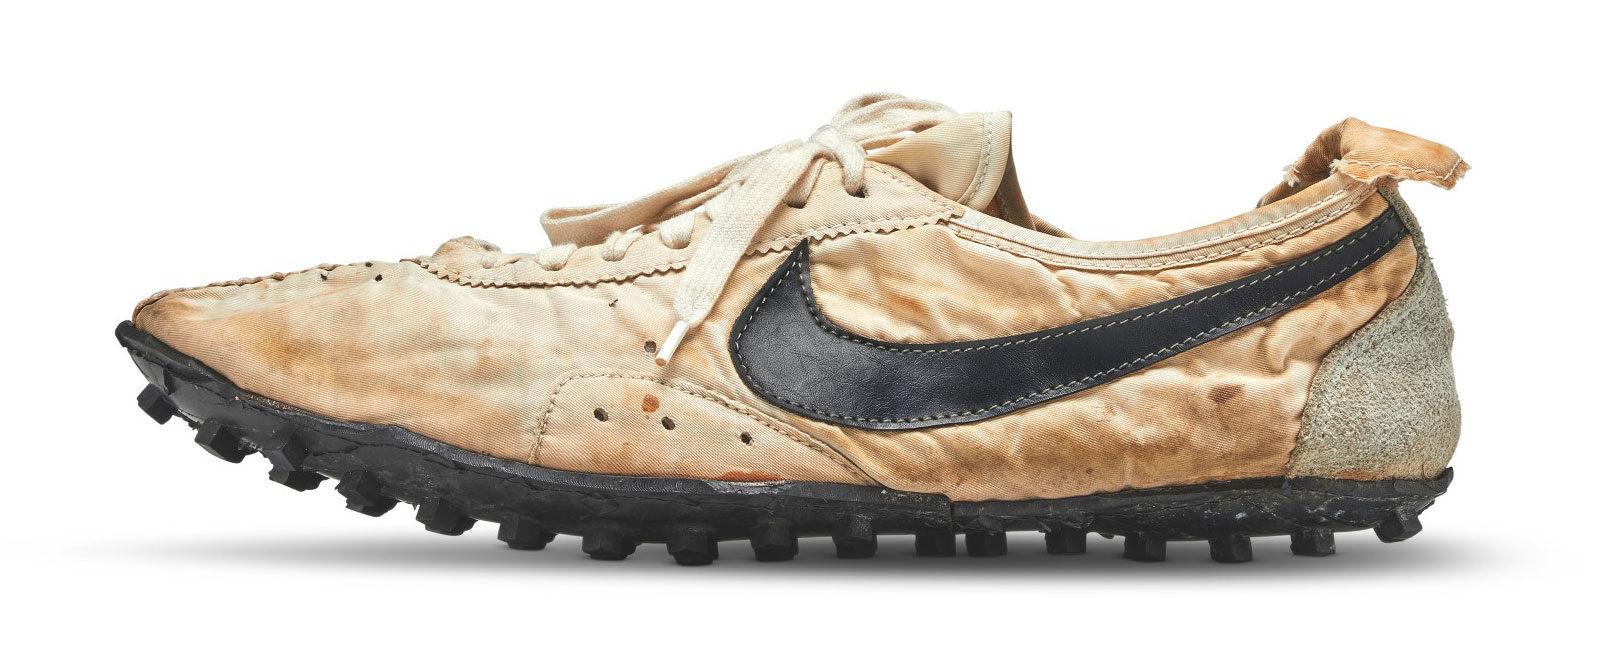 Why The Nike \